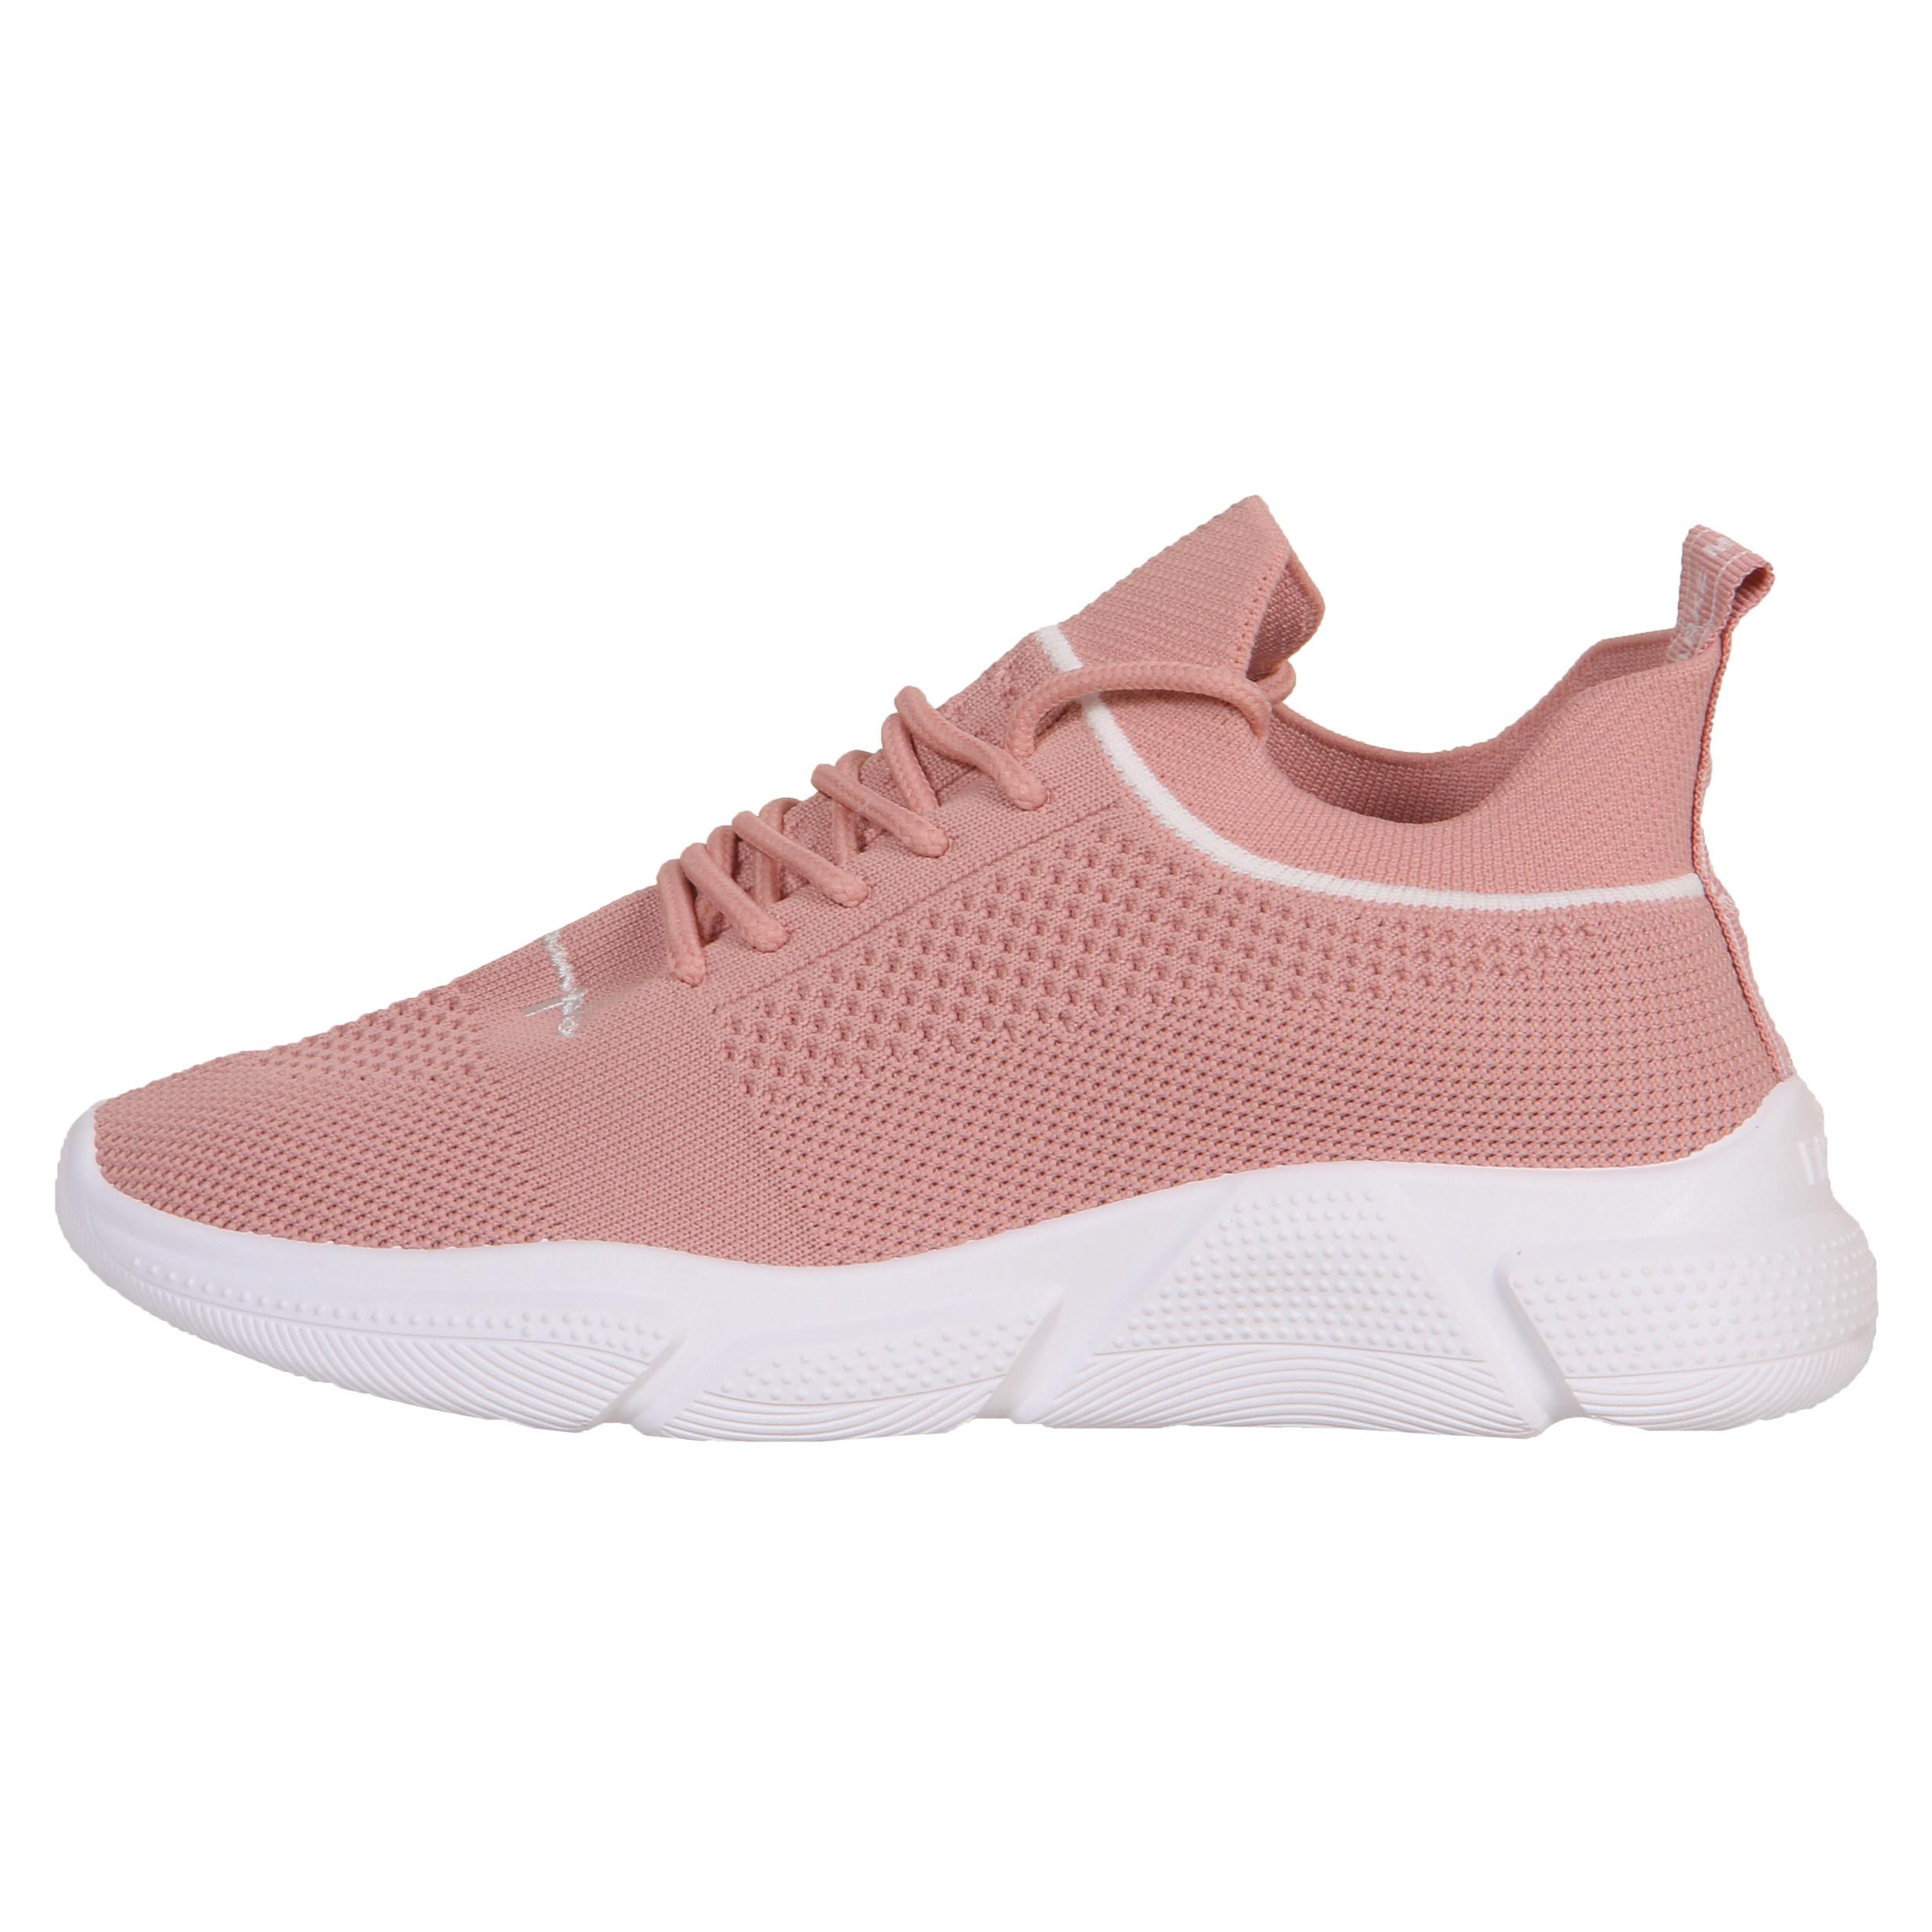 کفش مخصوص پیاده روی زنانه کد 16-1101